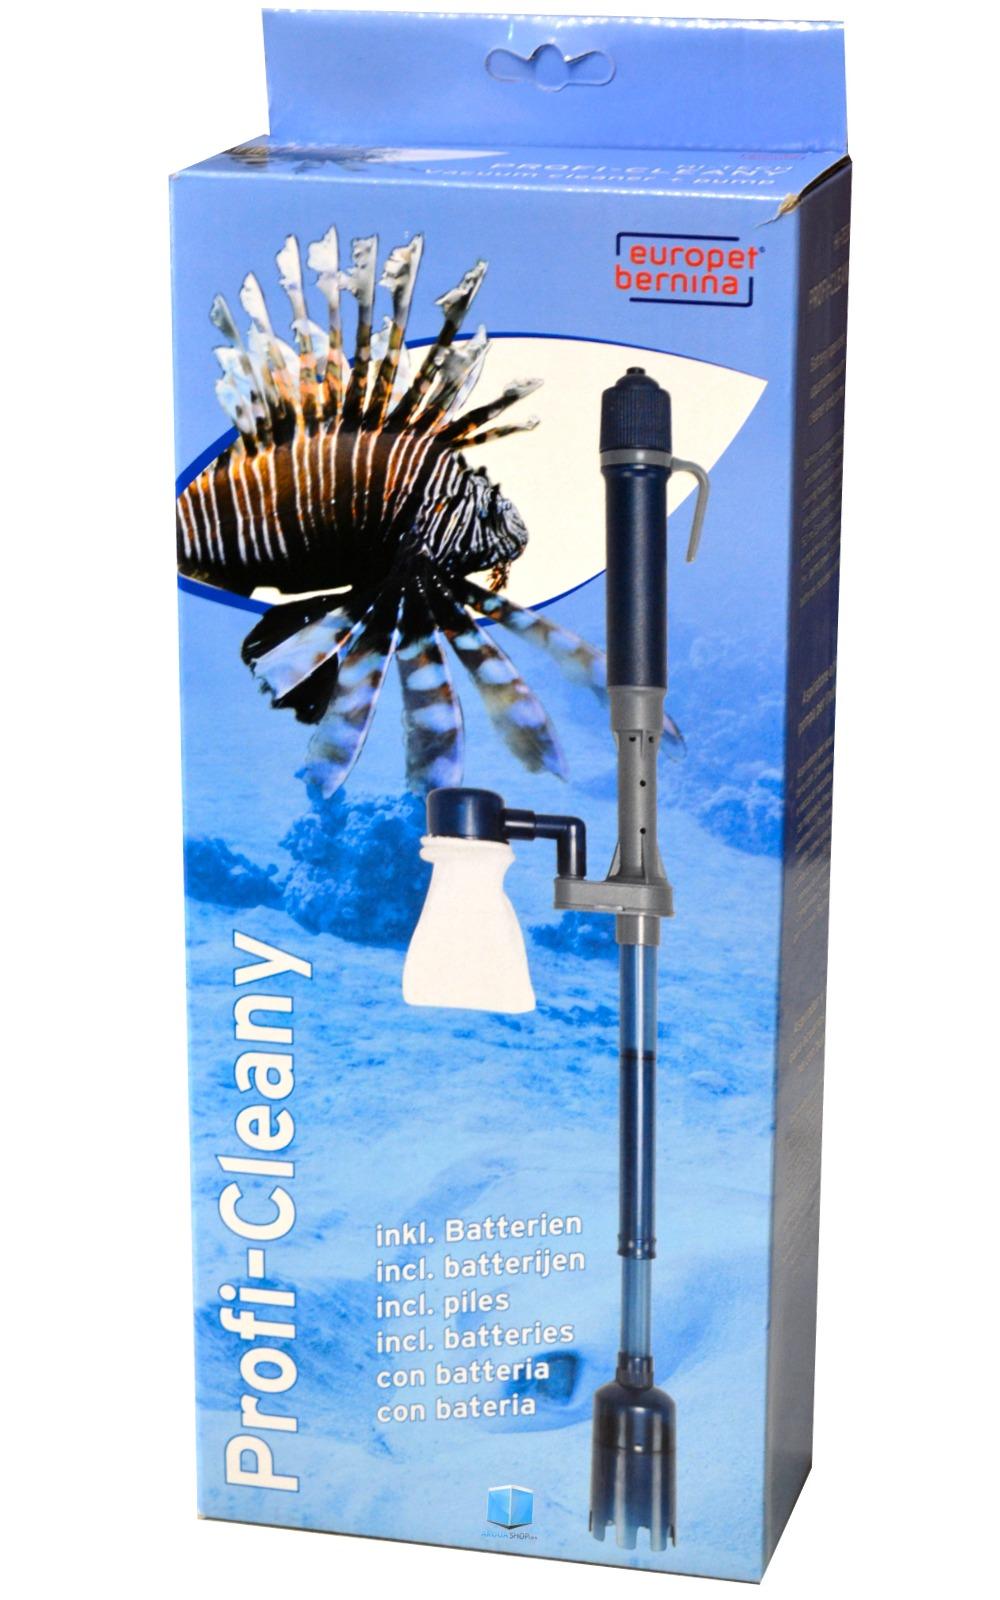 Europet profy cleany aspirateur piles avec fonction for Aspirateur aquarium